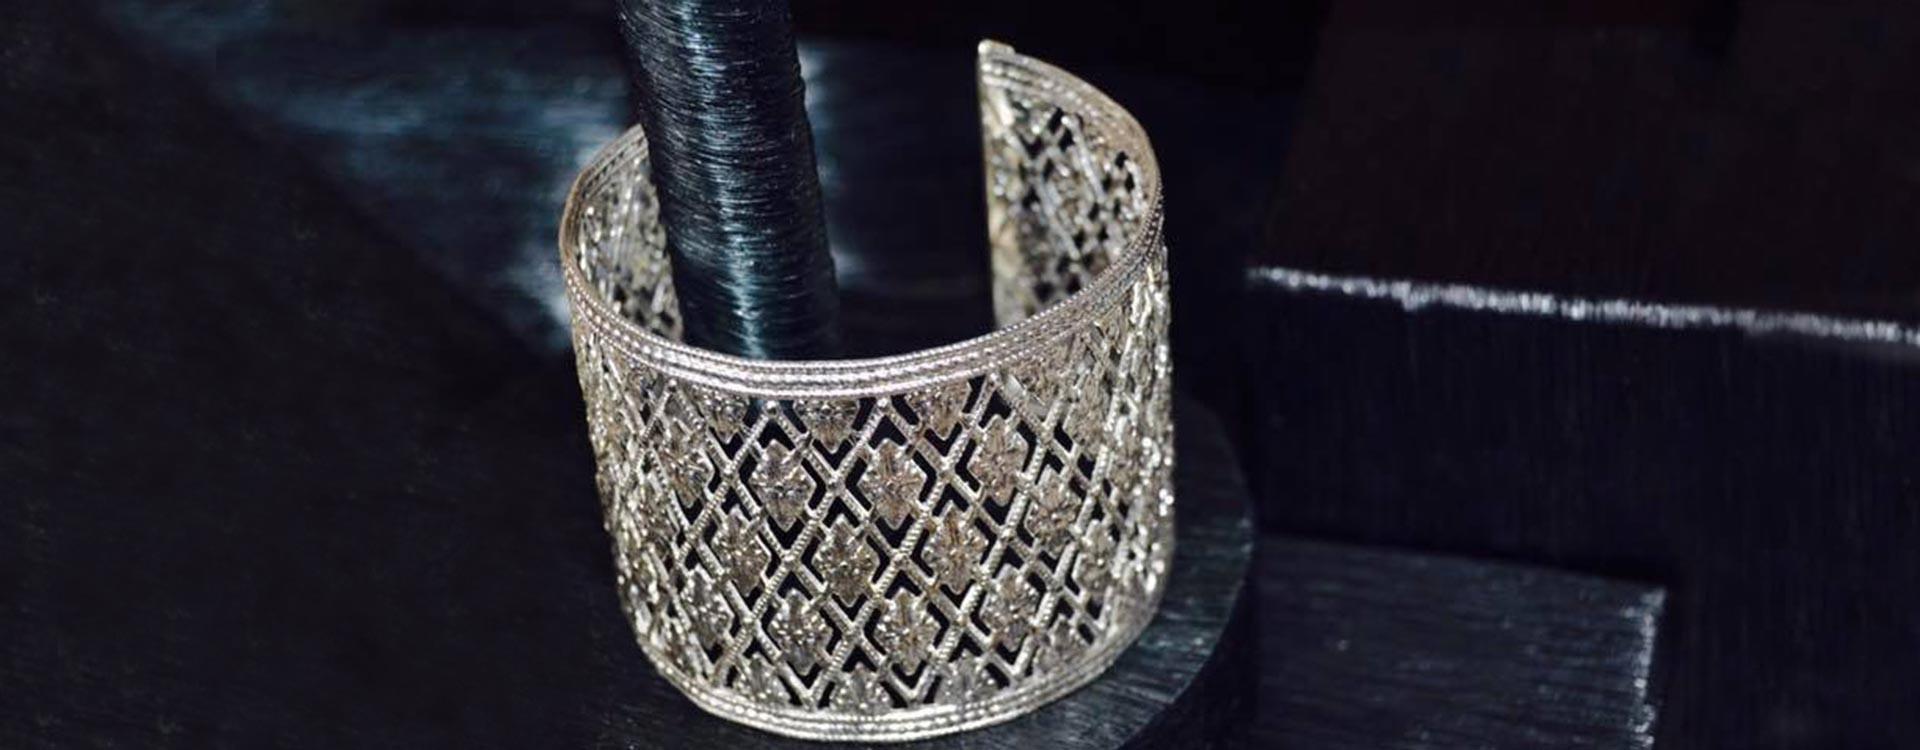 Old silvery bracelet